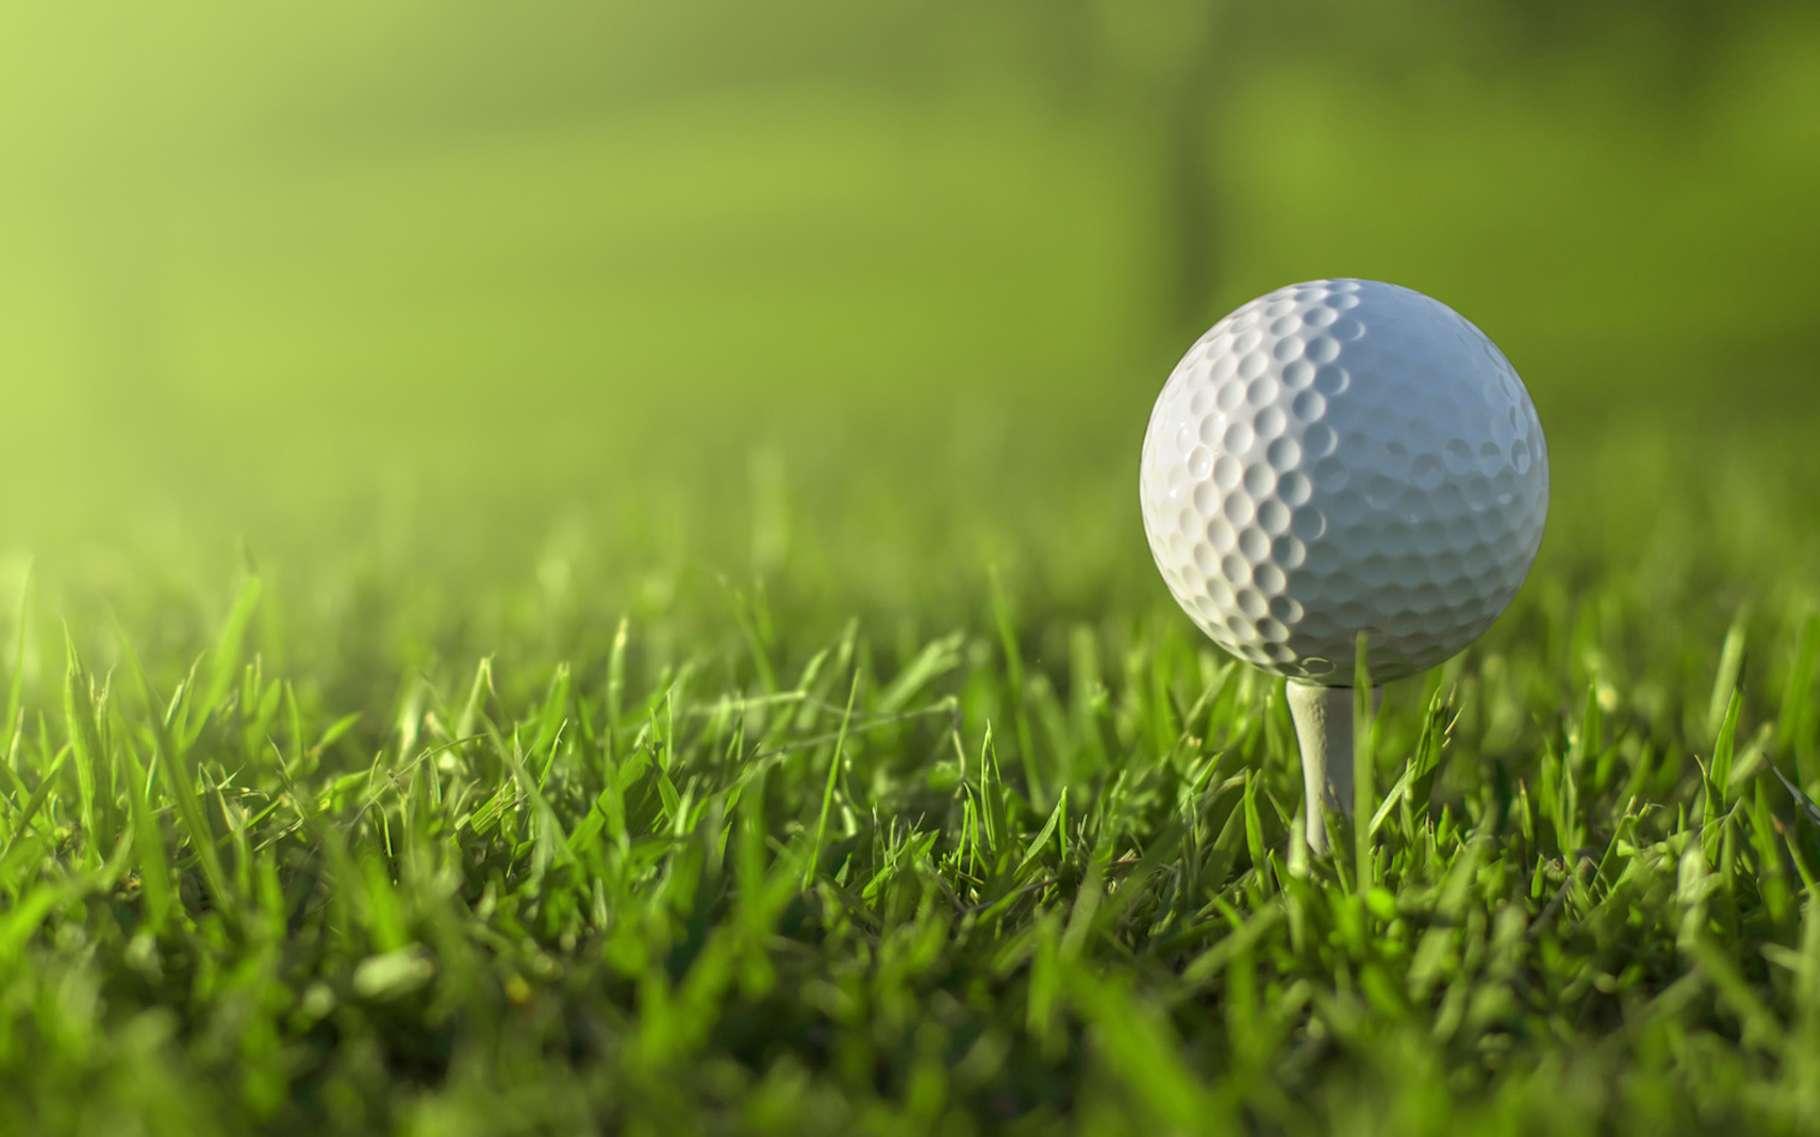 432! C'est le nombre moyen d'alvéoles que compte une balle de golf. De quoi l'aider à voler plus loin. © artea_art, Fotolia